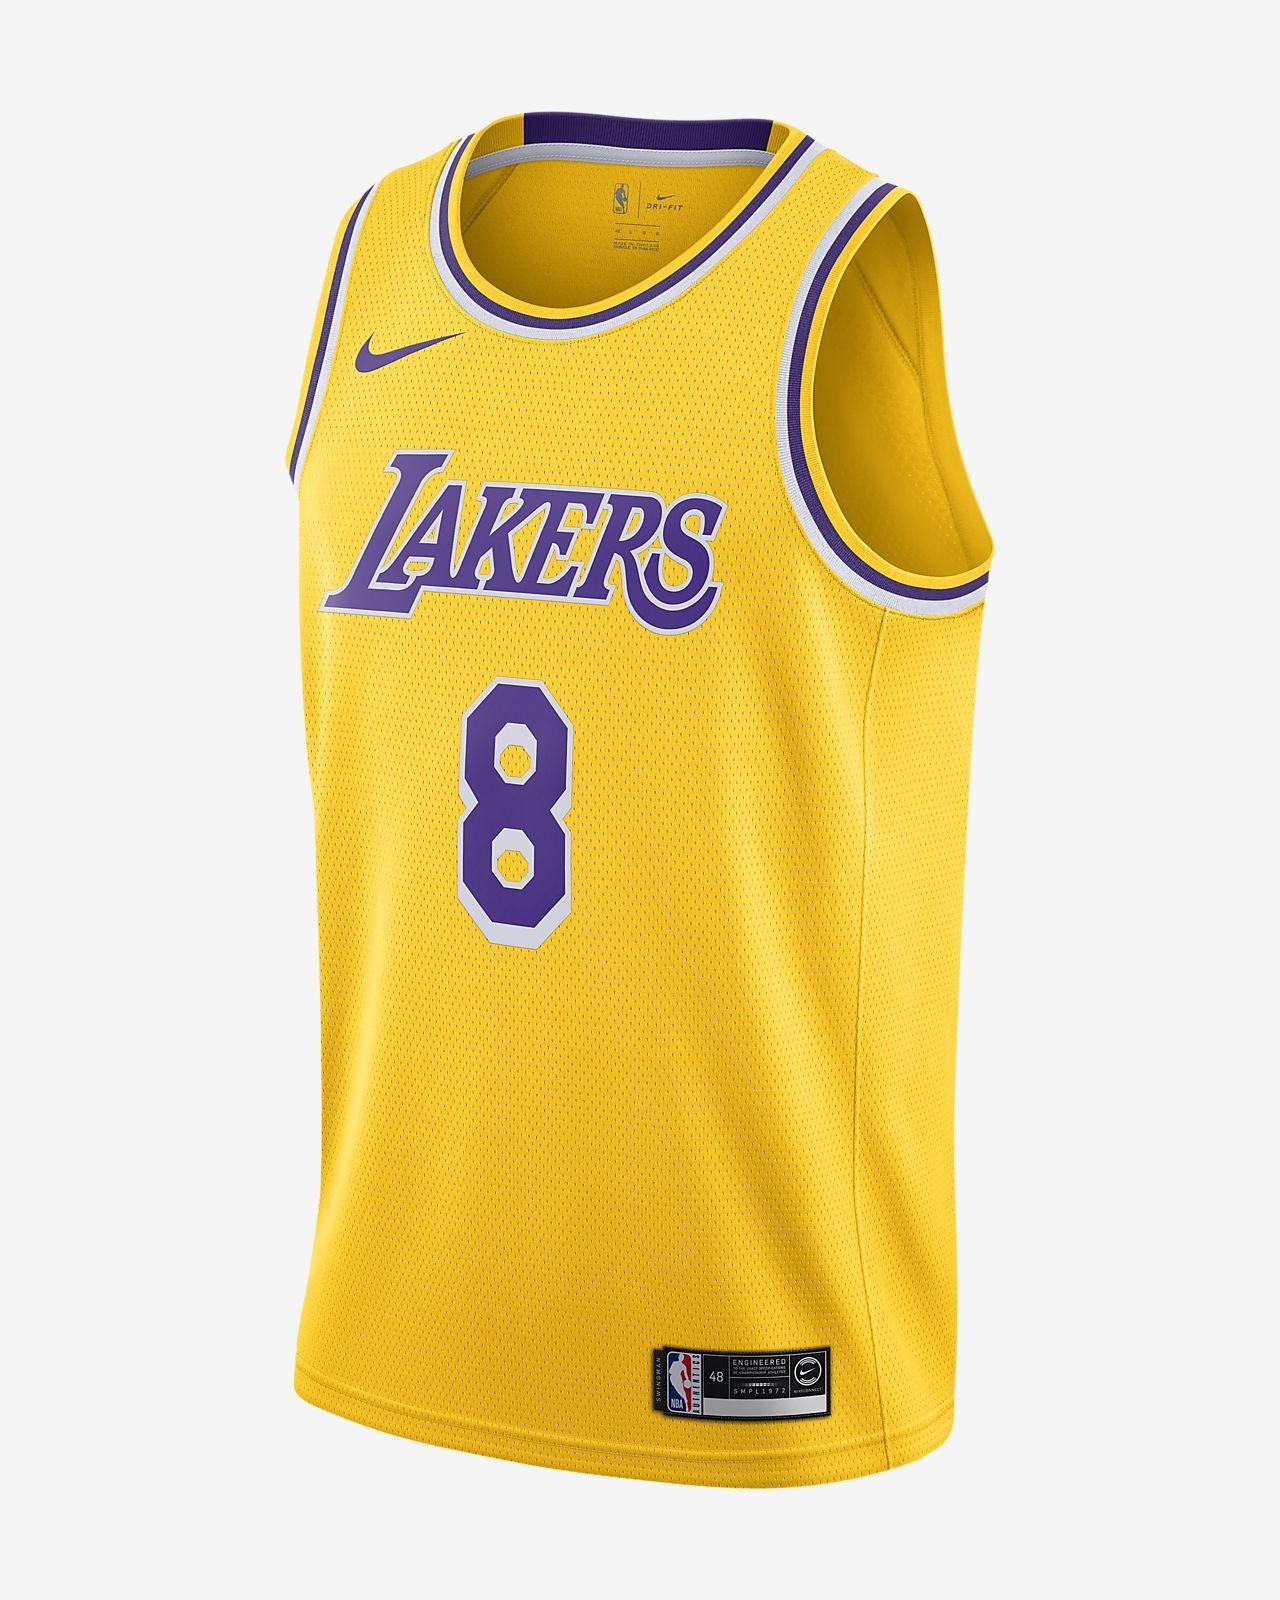 Camisola com ligação à NBA da Nike Kobe Bryant Icon Edition Swingman (Los Angeles Lakers) para homem